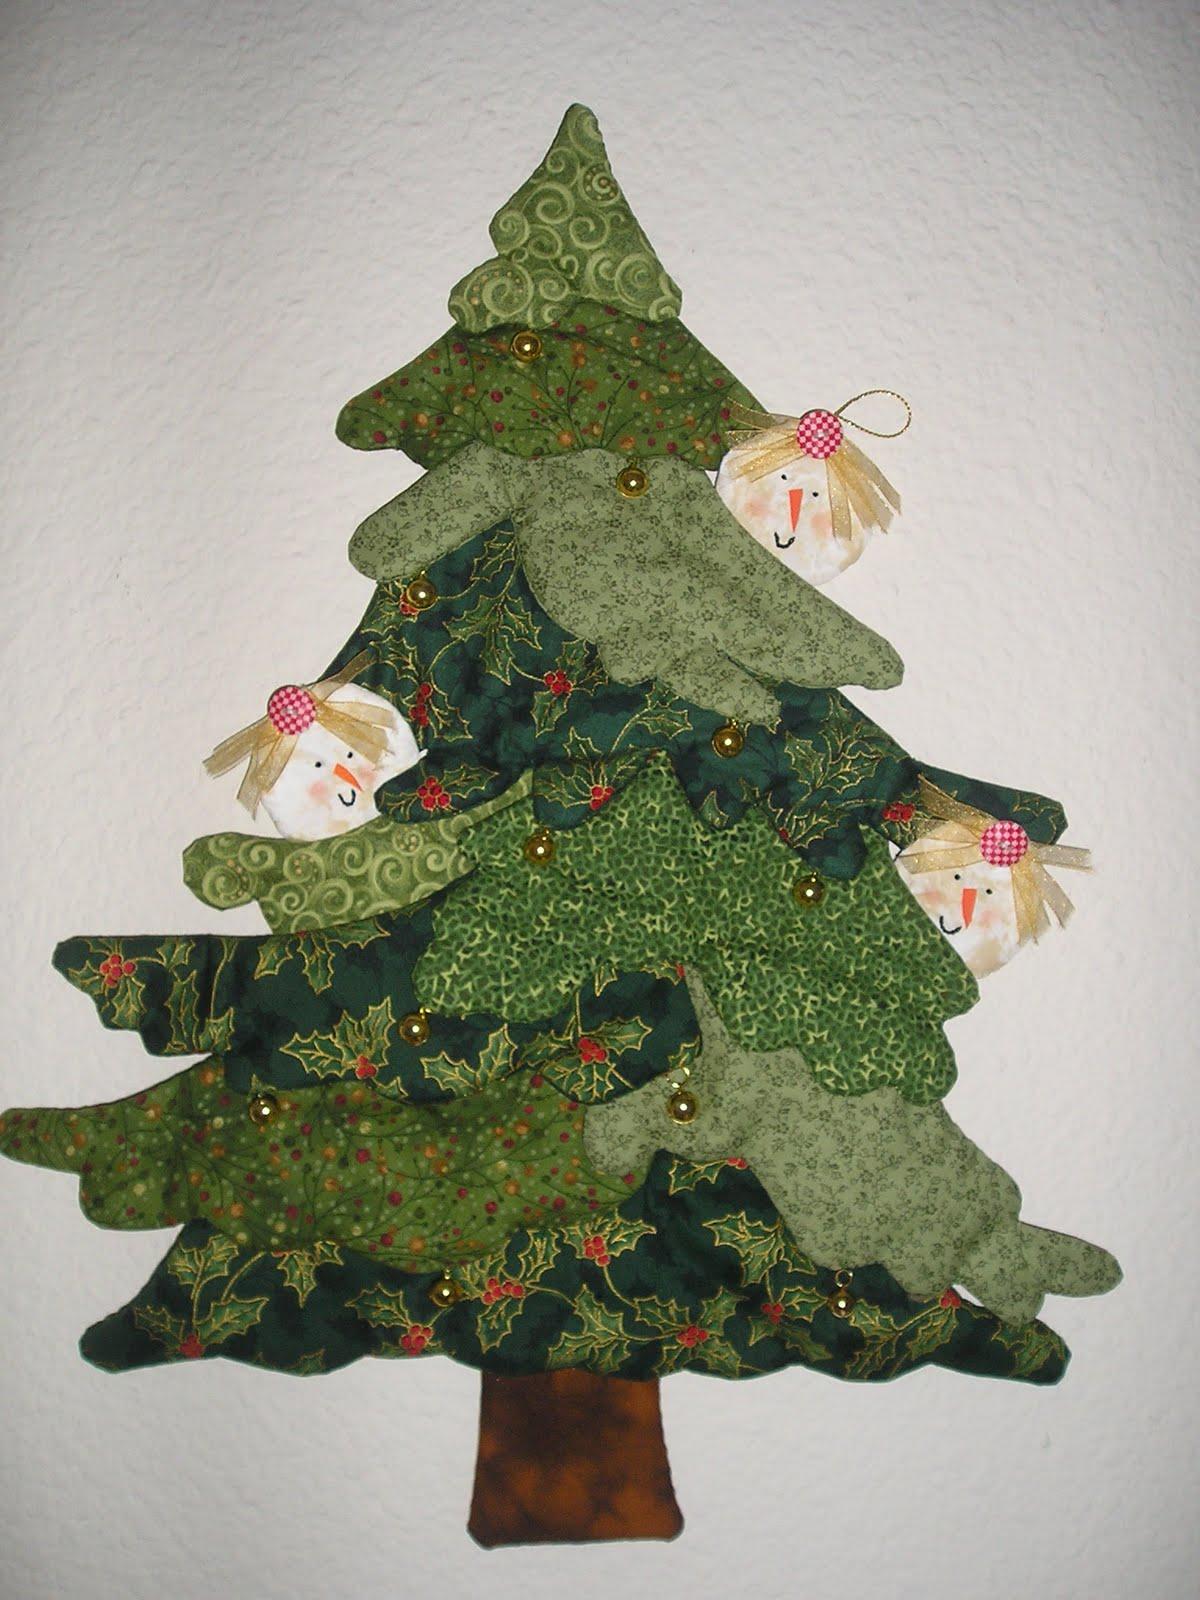 Jard n de patchwork de manoli rbol de navidad - Arbol de navidad artesanal ...